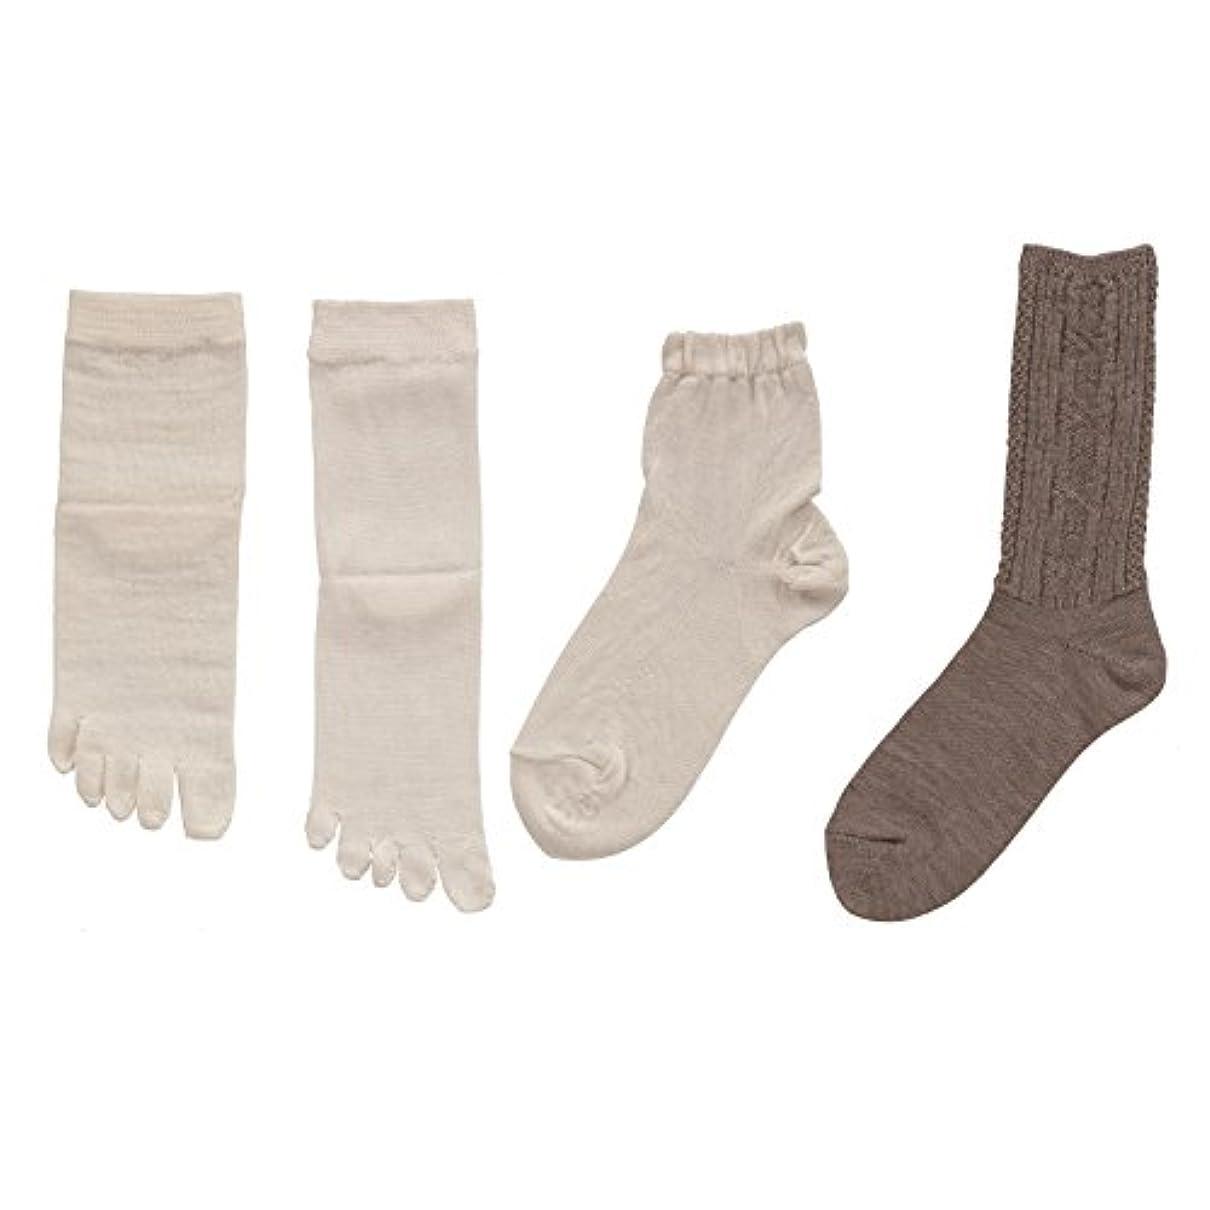 アラバマ邪魔決して砂山靴下 TUMUGI 絹と毛の4枚重ね履き靴下 グレー